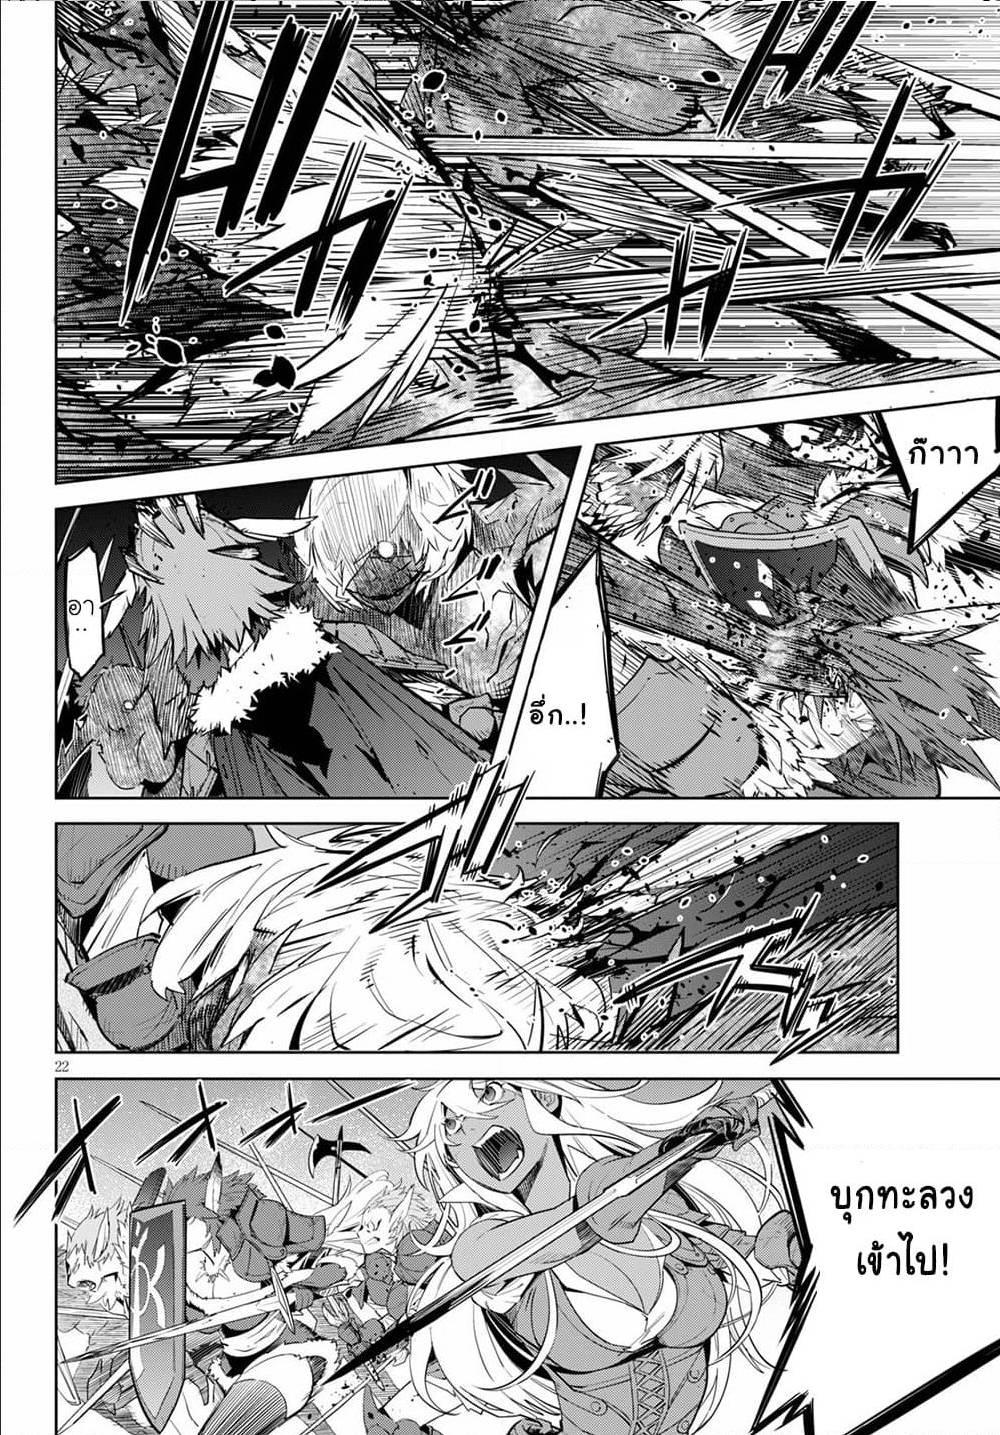 อ่านการ์ตูน Game obu Familia - Family Senki ตอนที่ 30 หน้าที่ 22